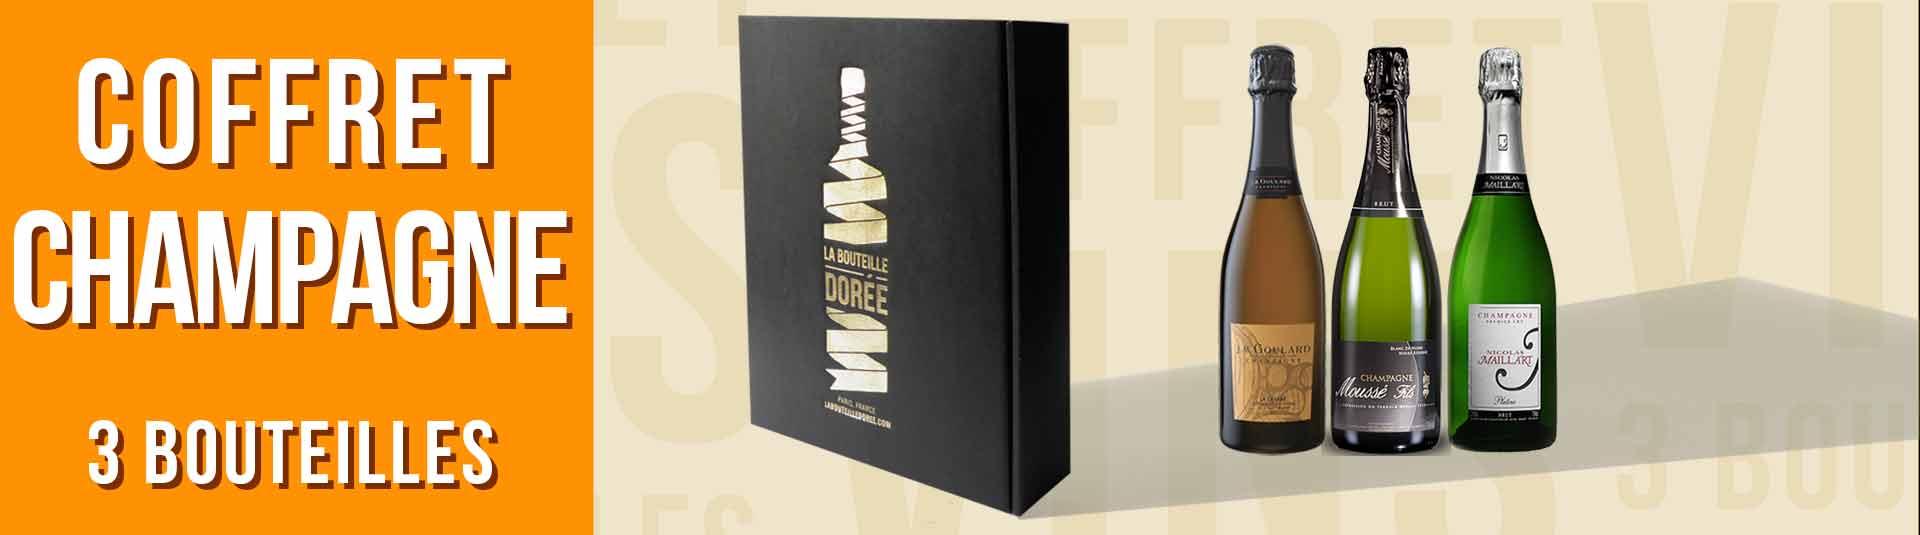 Coffret Champagne Blanc de noirs 3 bouteilles